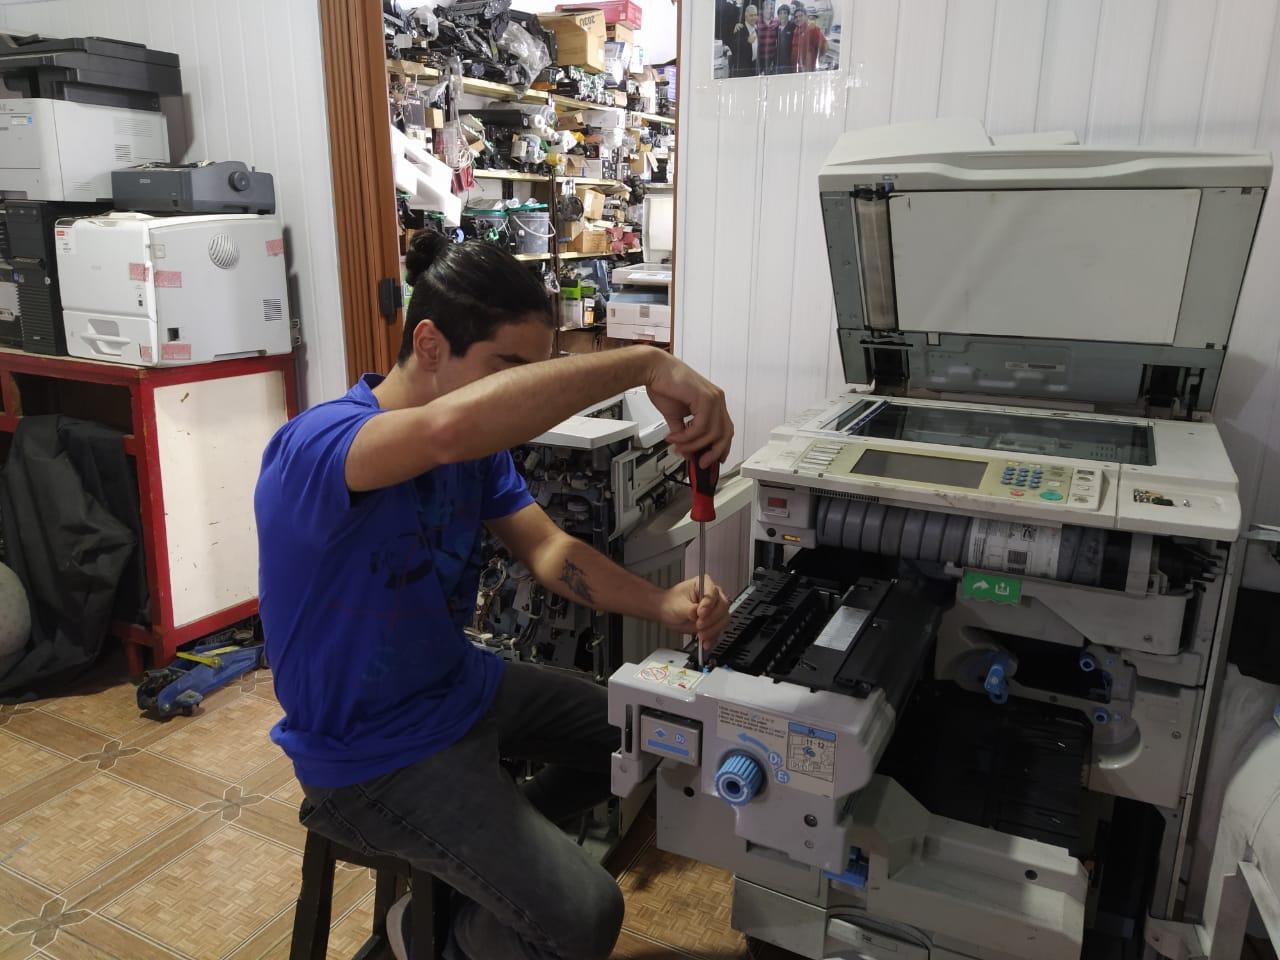 Servicio técnico en fotocopiadoras y equipos informáticos